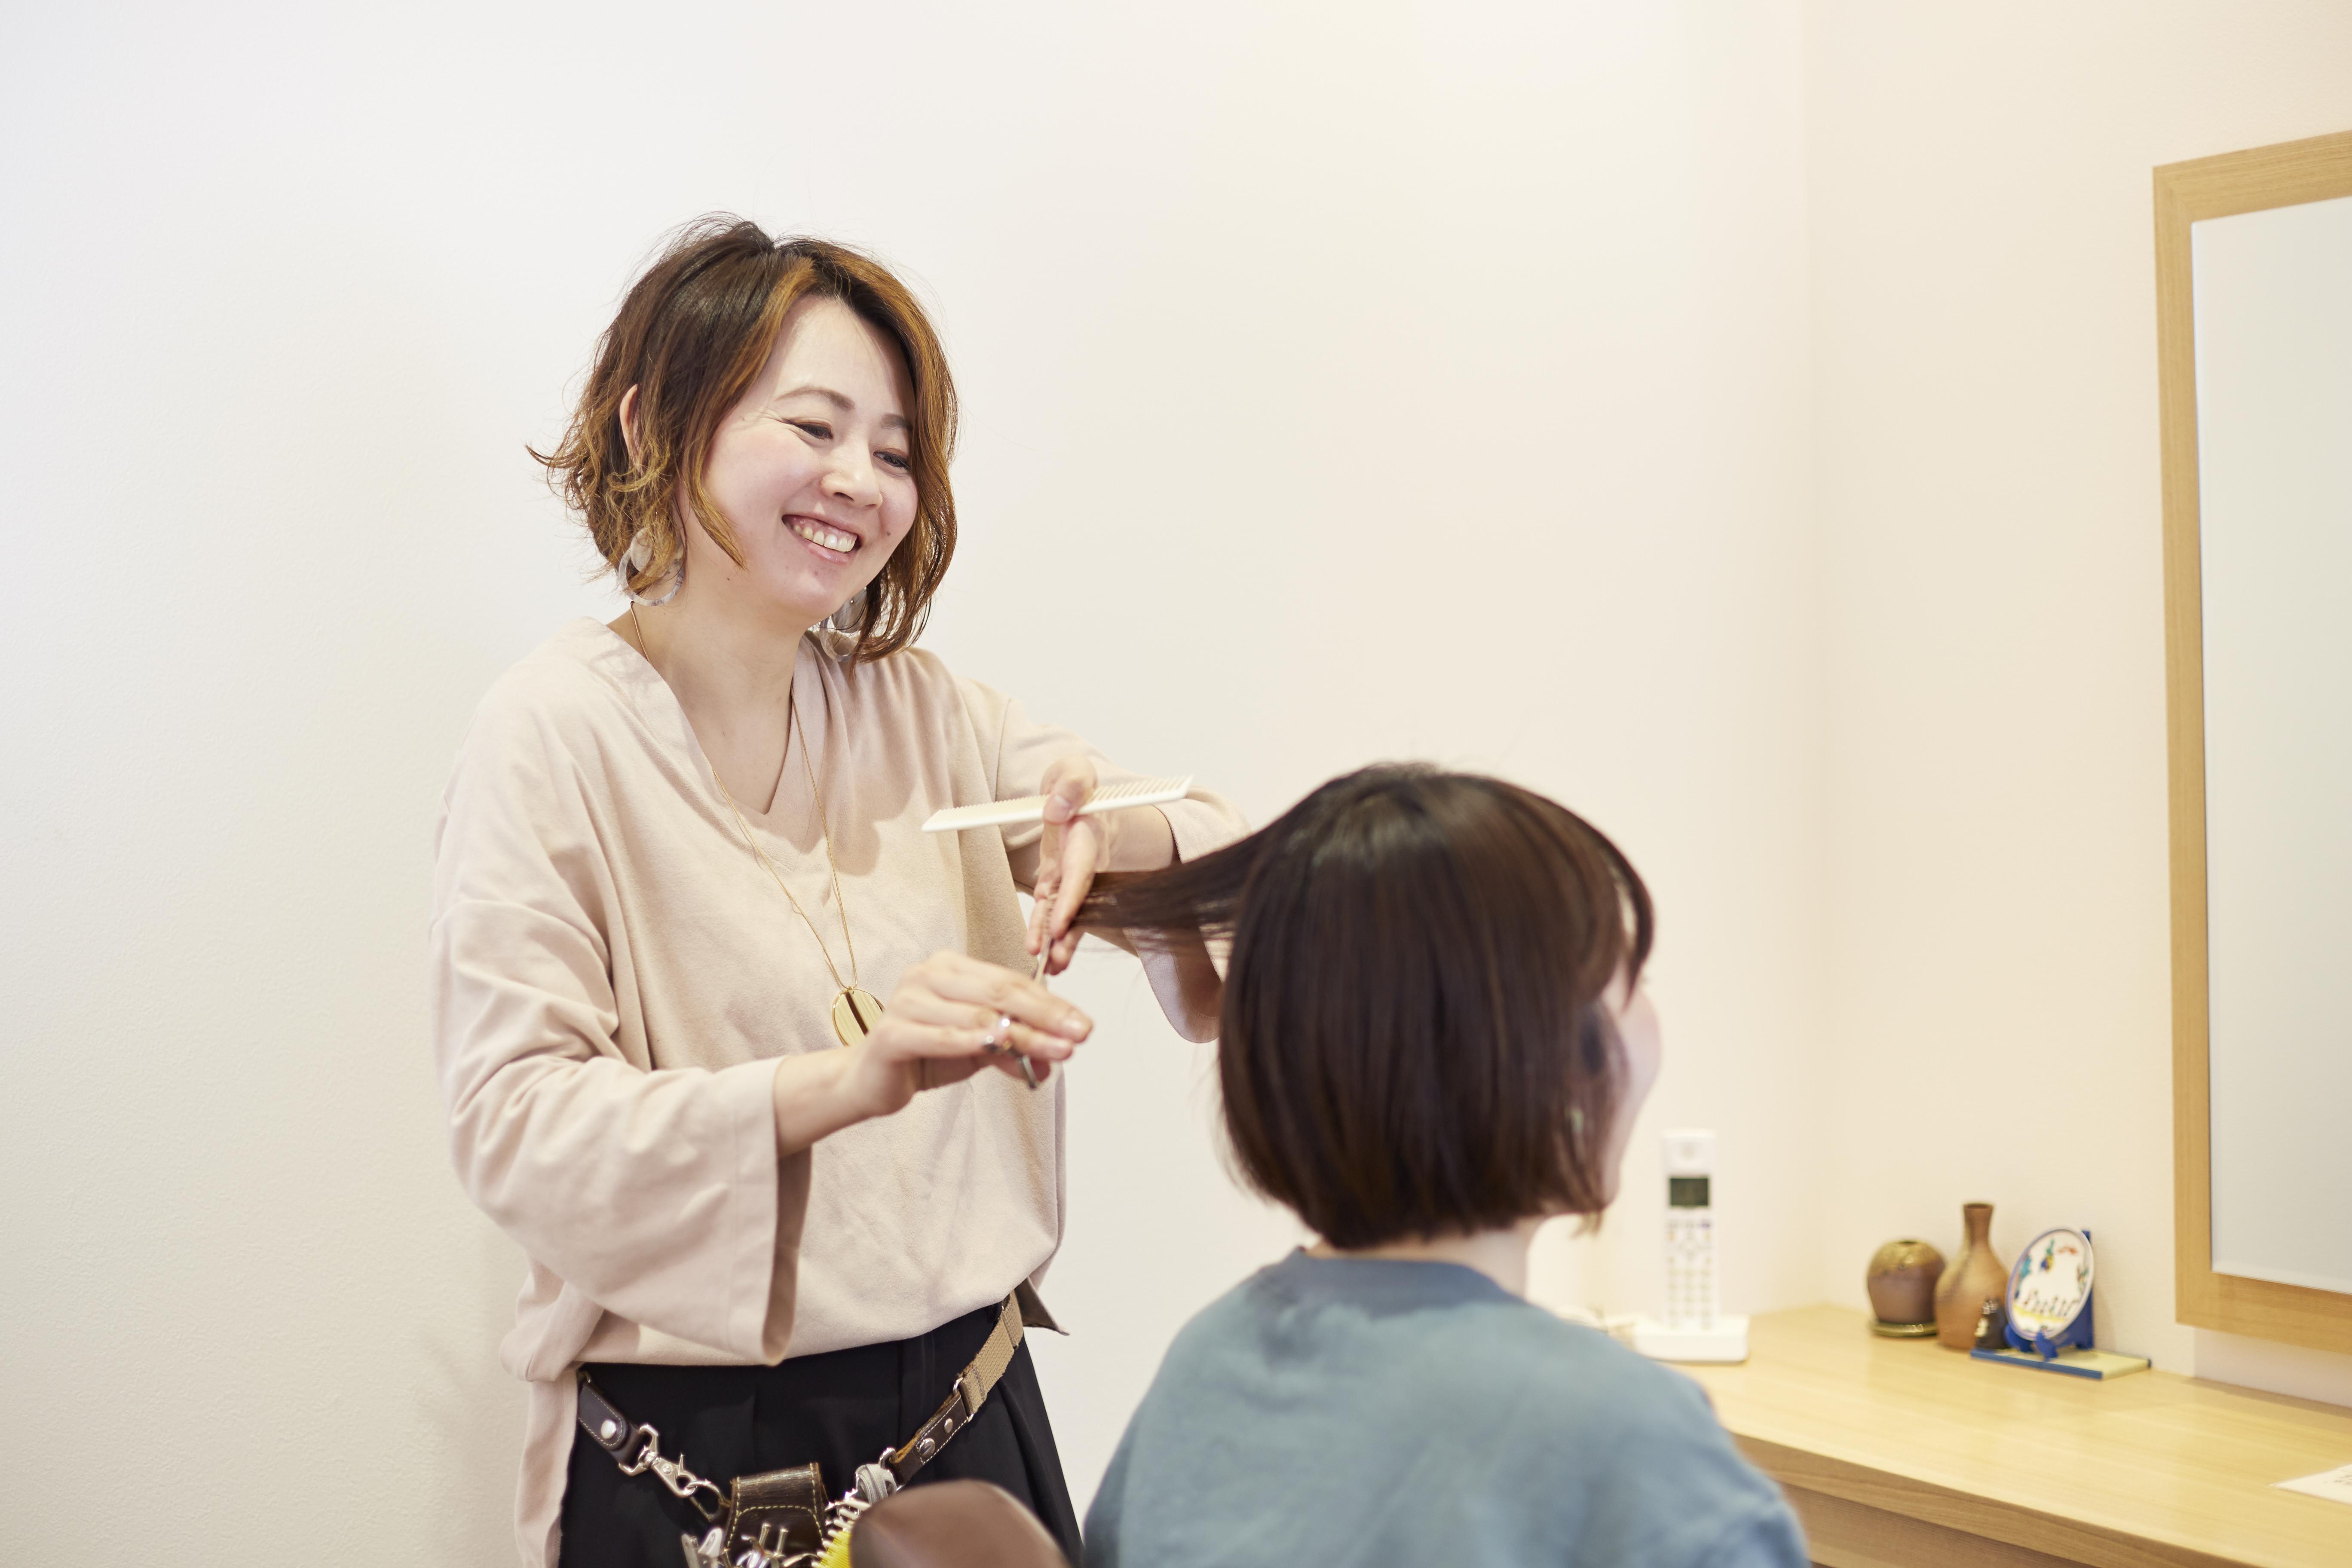 「SAZAE」で活躍するママ美容師の吉村さん。「せっかくこの店をつくってもらったので、若いスタッフがいずれここで働きたいと思ってもらえるような店づくりをしていきたいです」